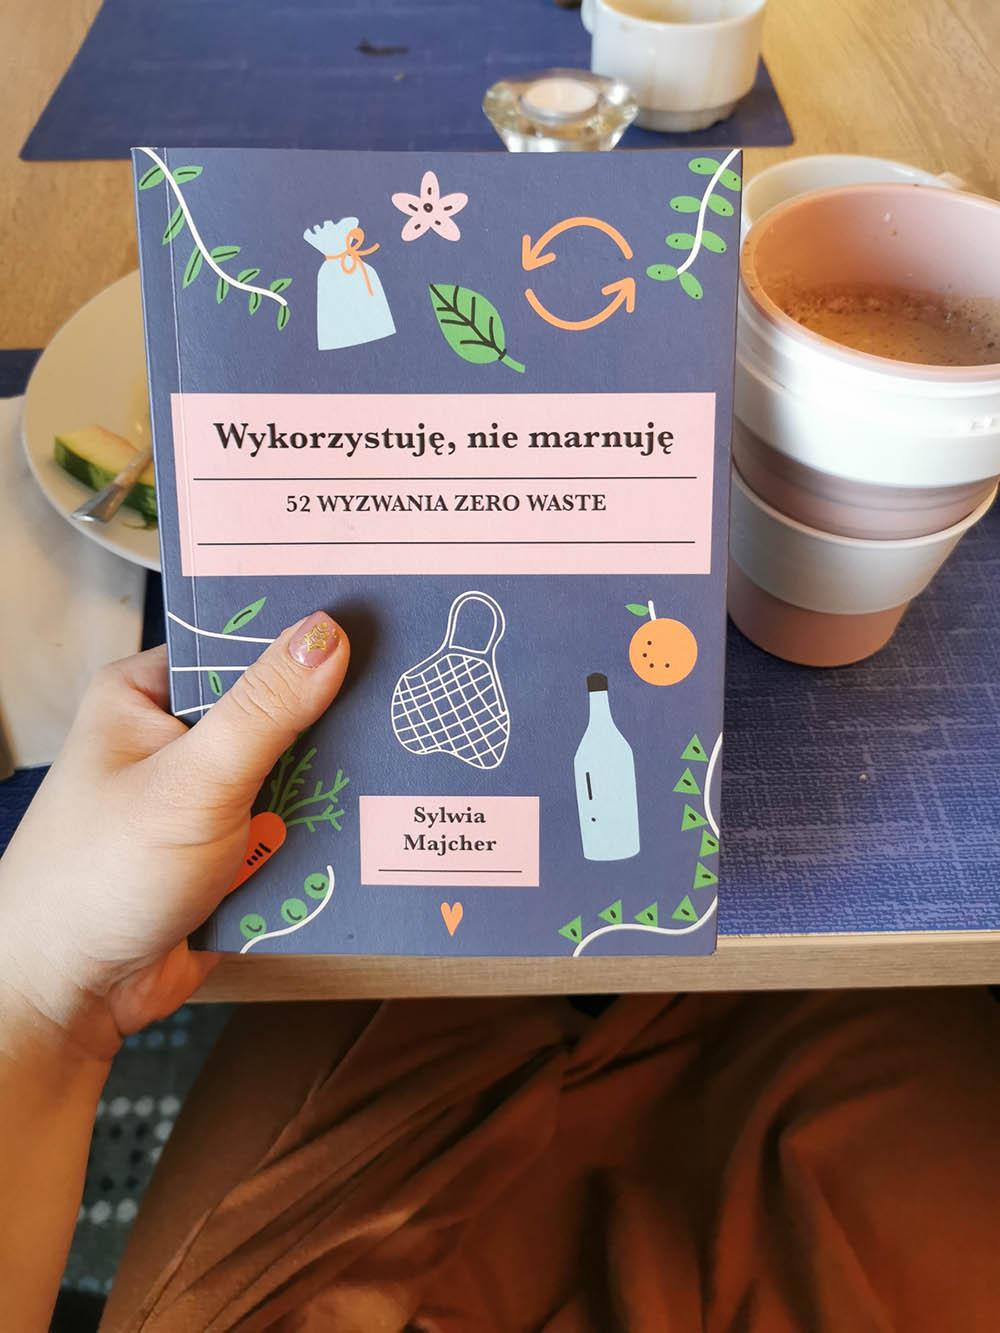 książka eko, wykorzystuję nie marnuję